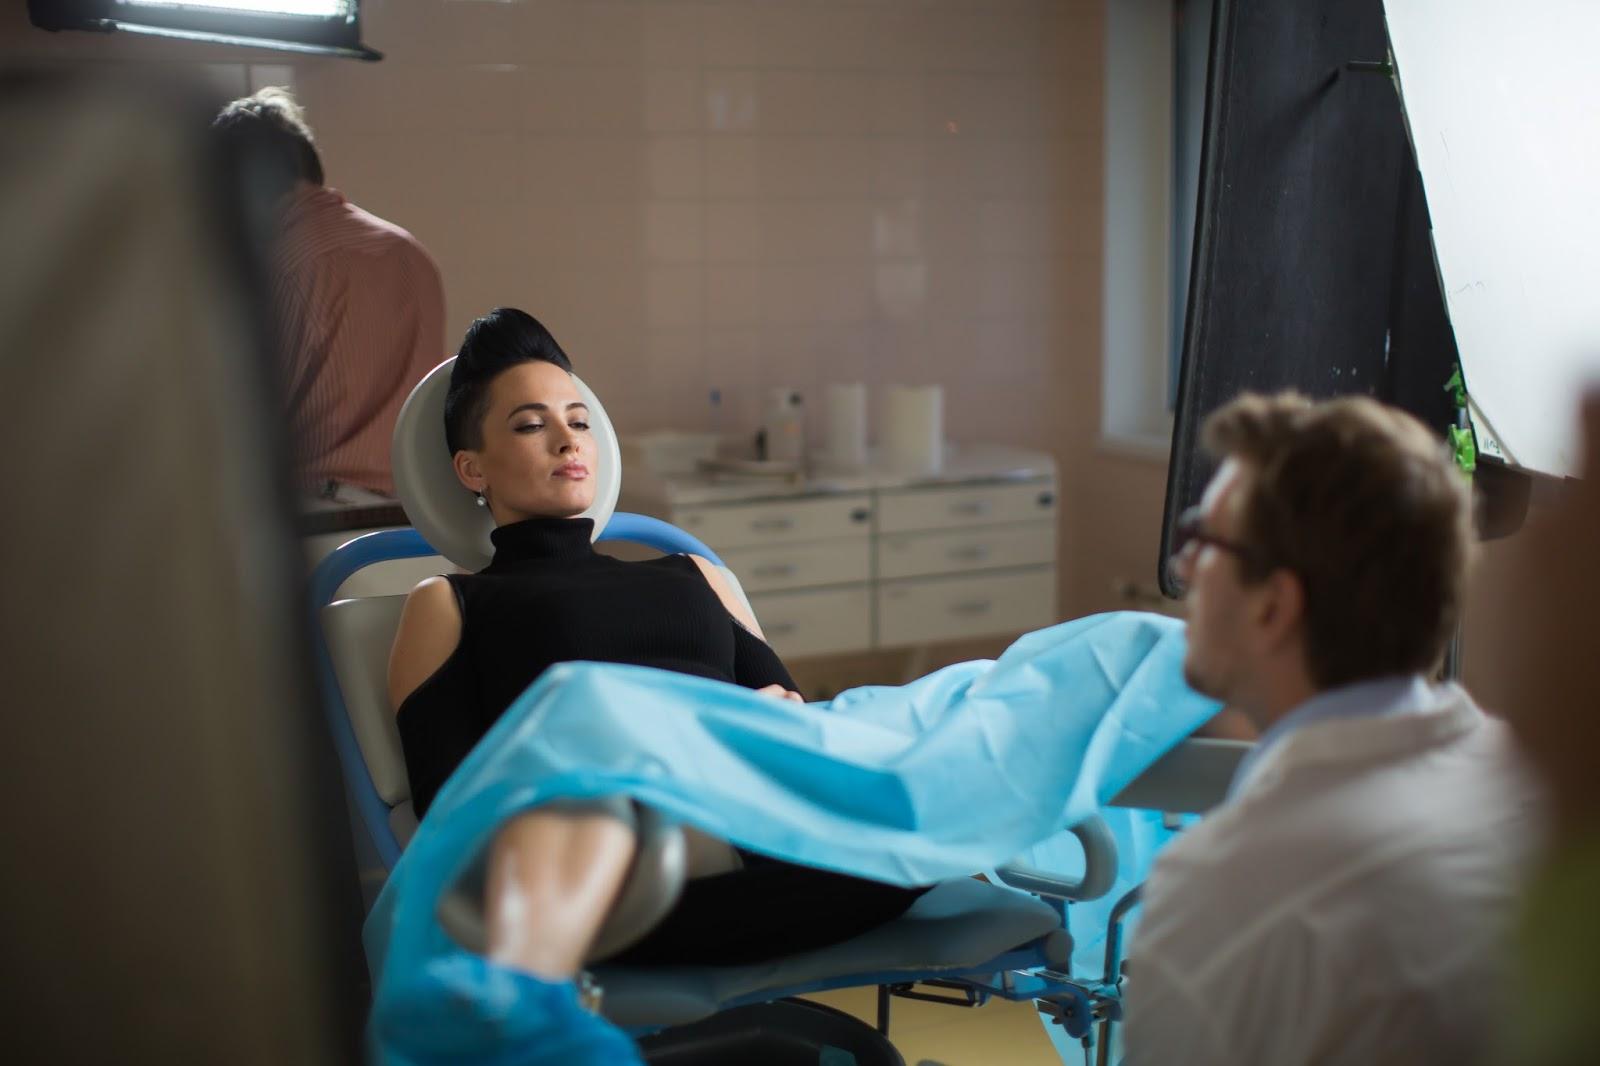 Фото голой девушки в гинекологическом кресле